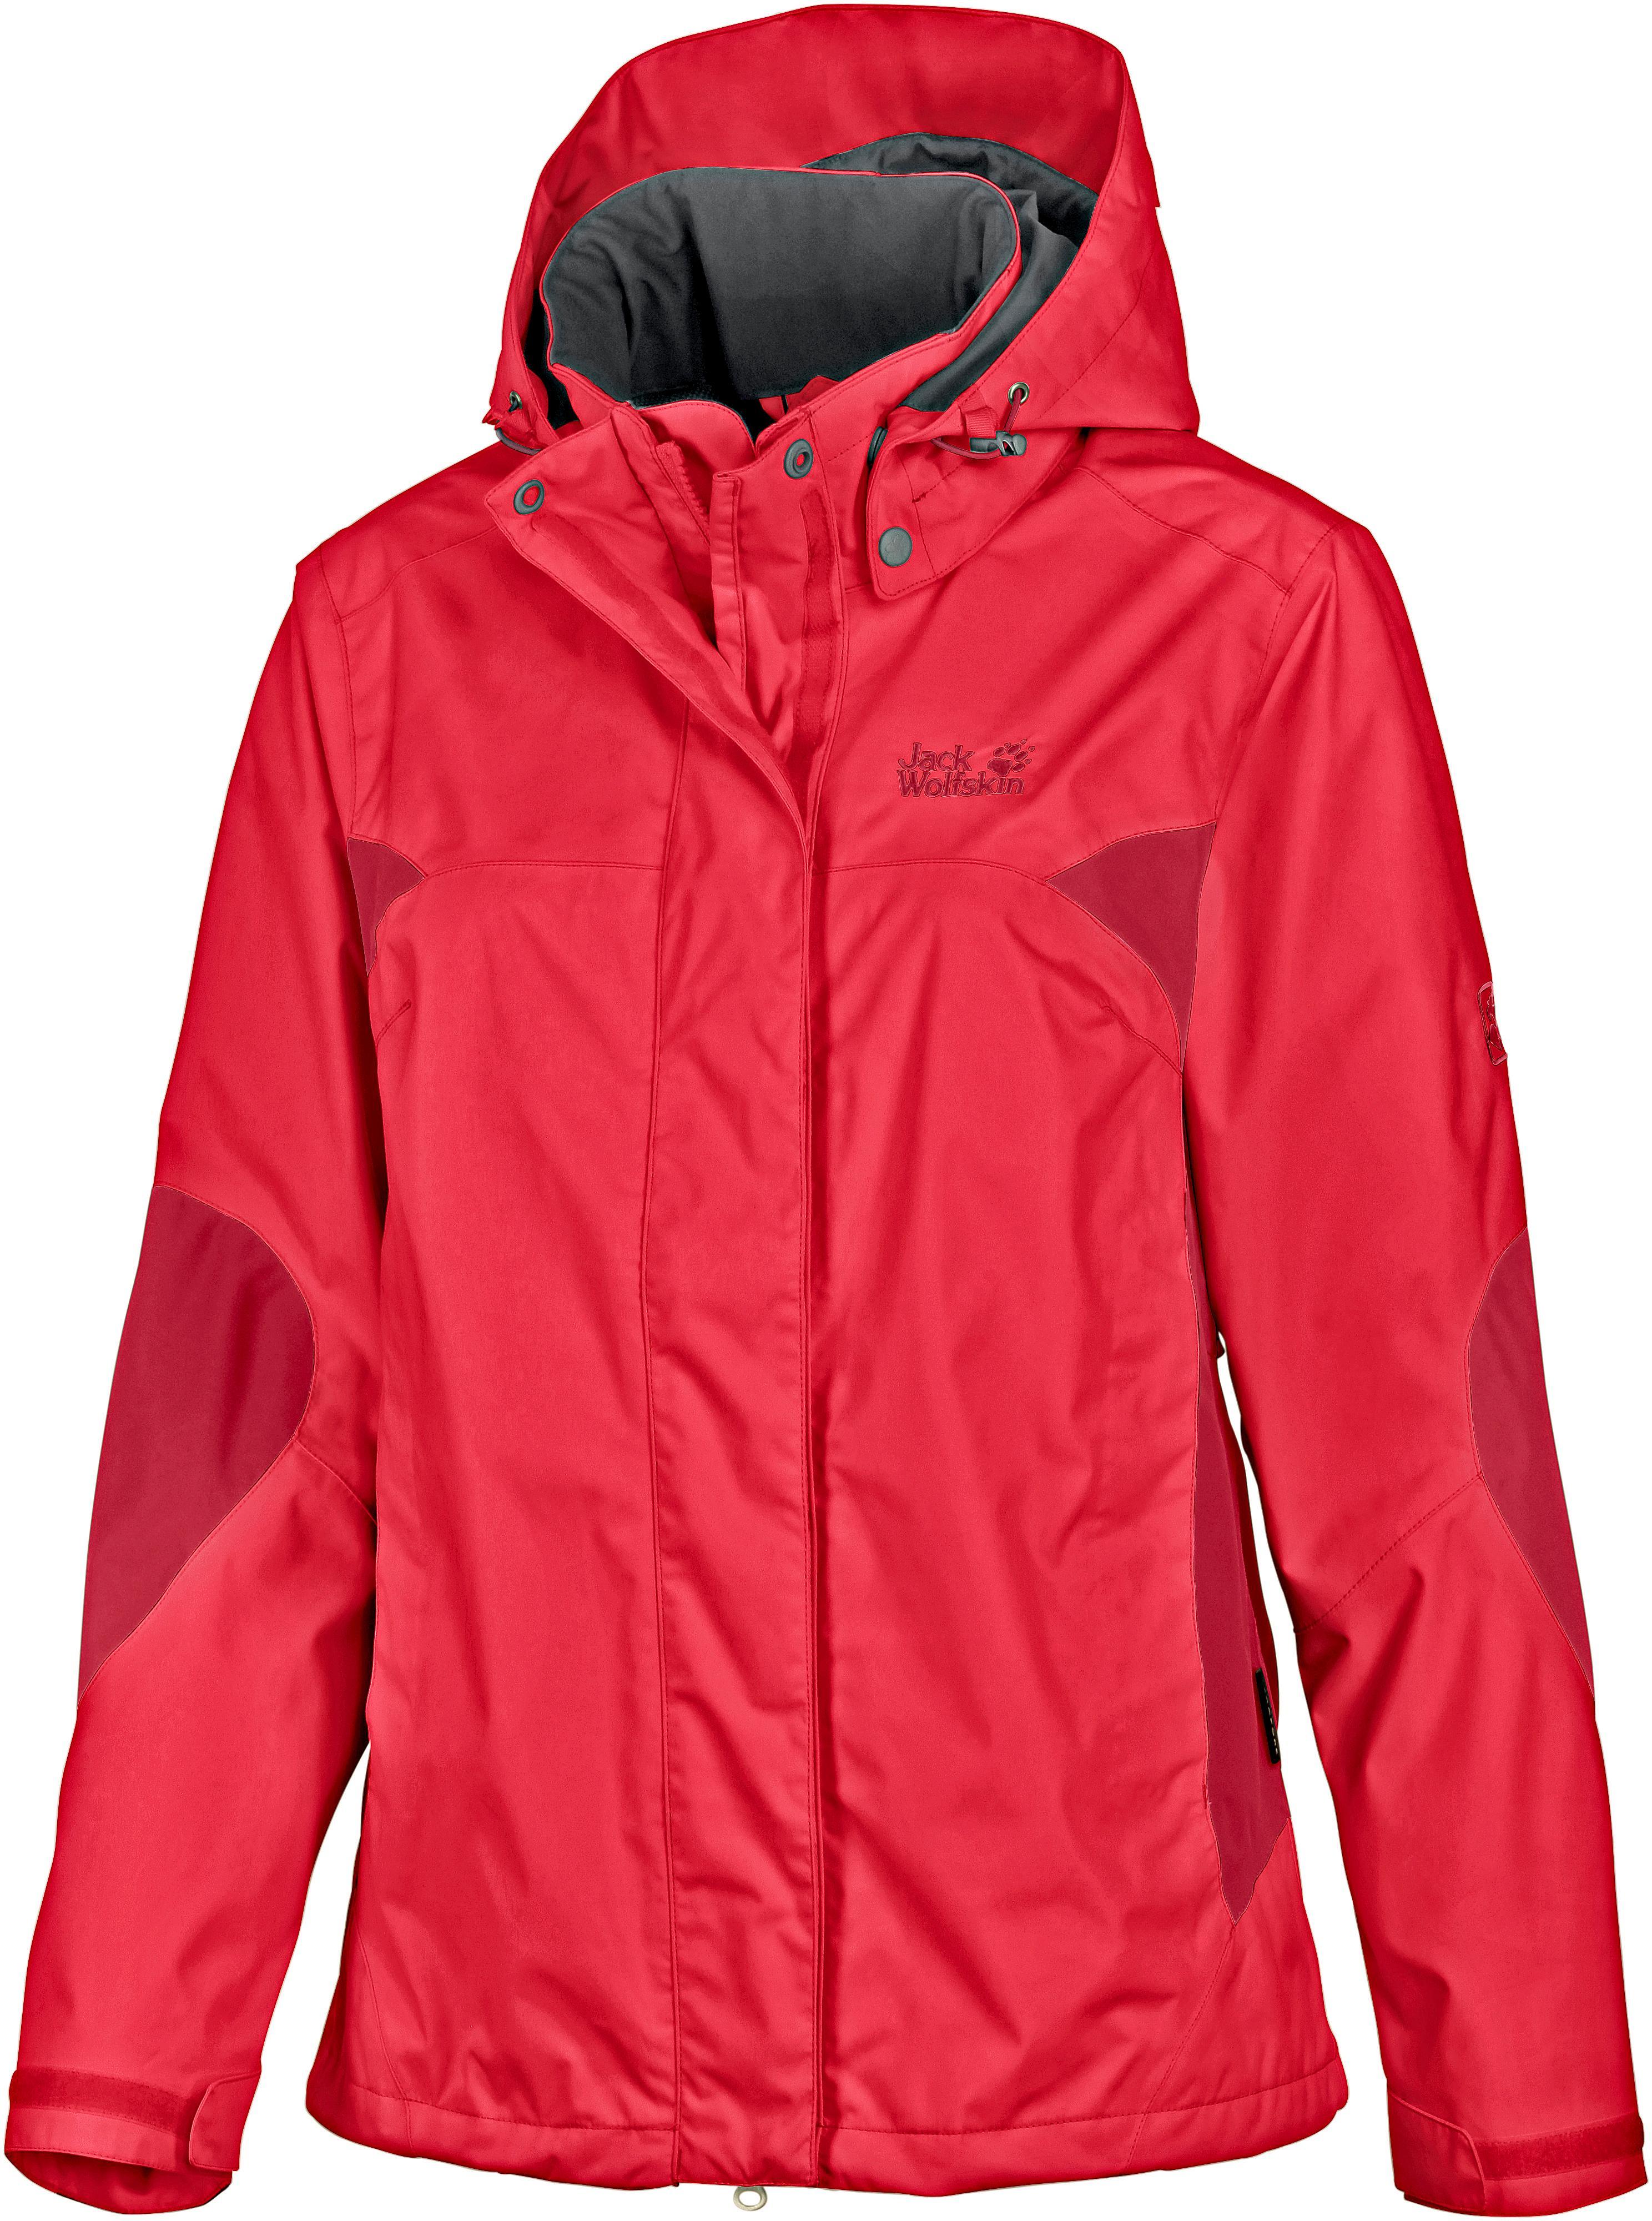 Jack Wolfskin Onyx Funktionsjacke Damen rot im Online Shop von SportScheck kaufen